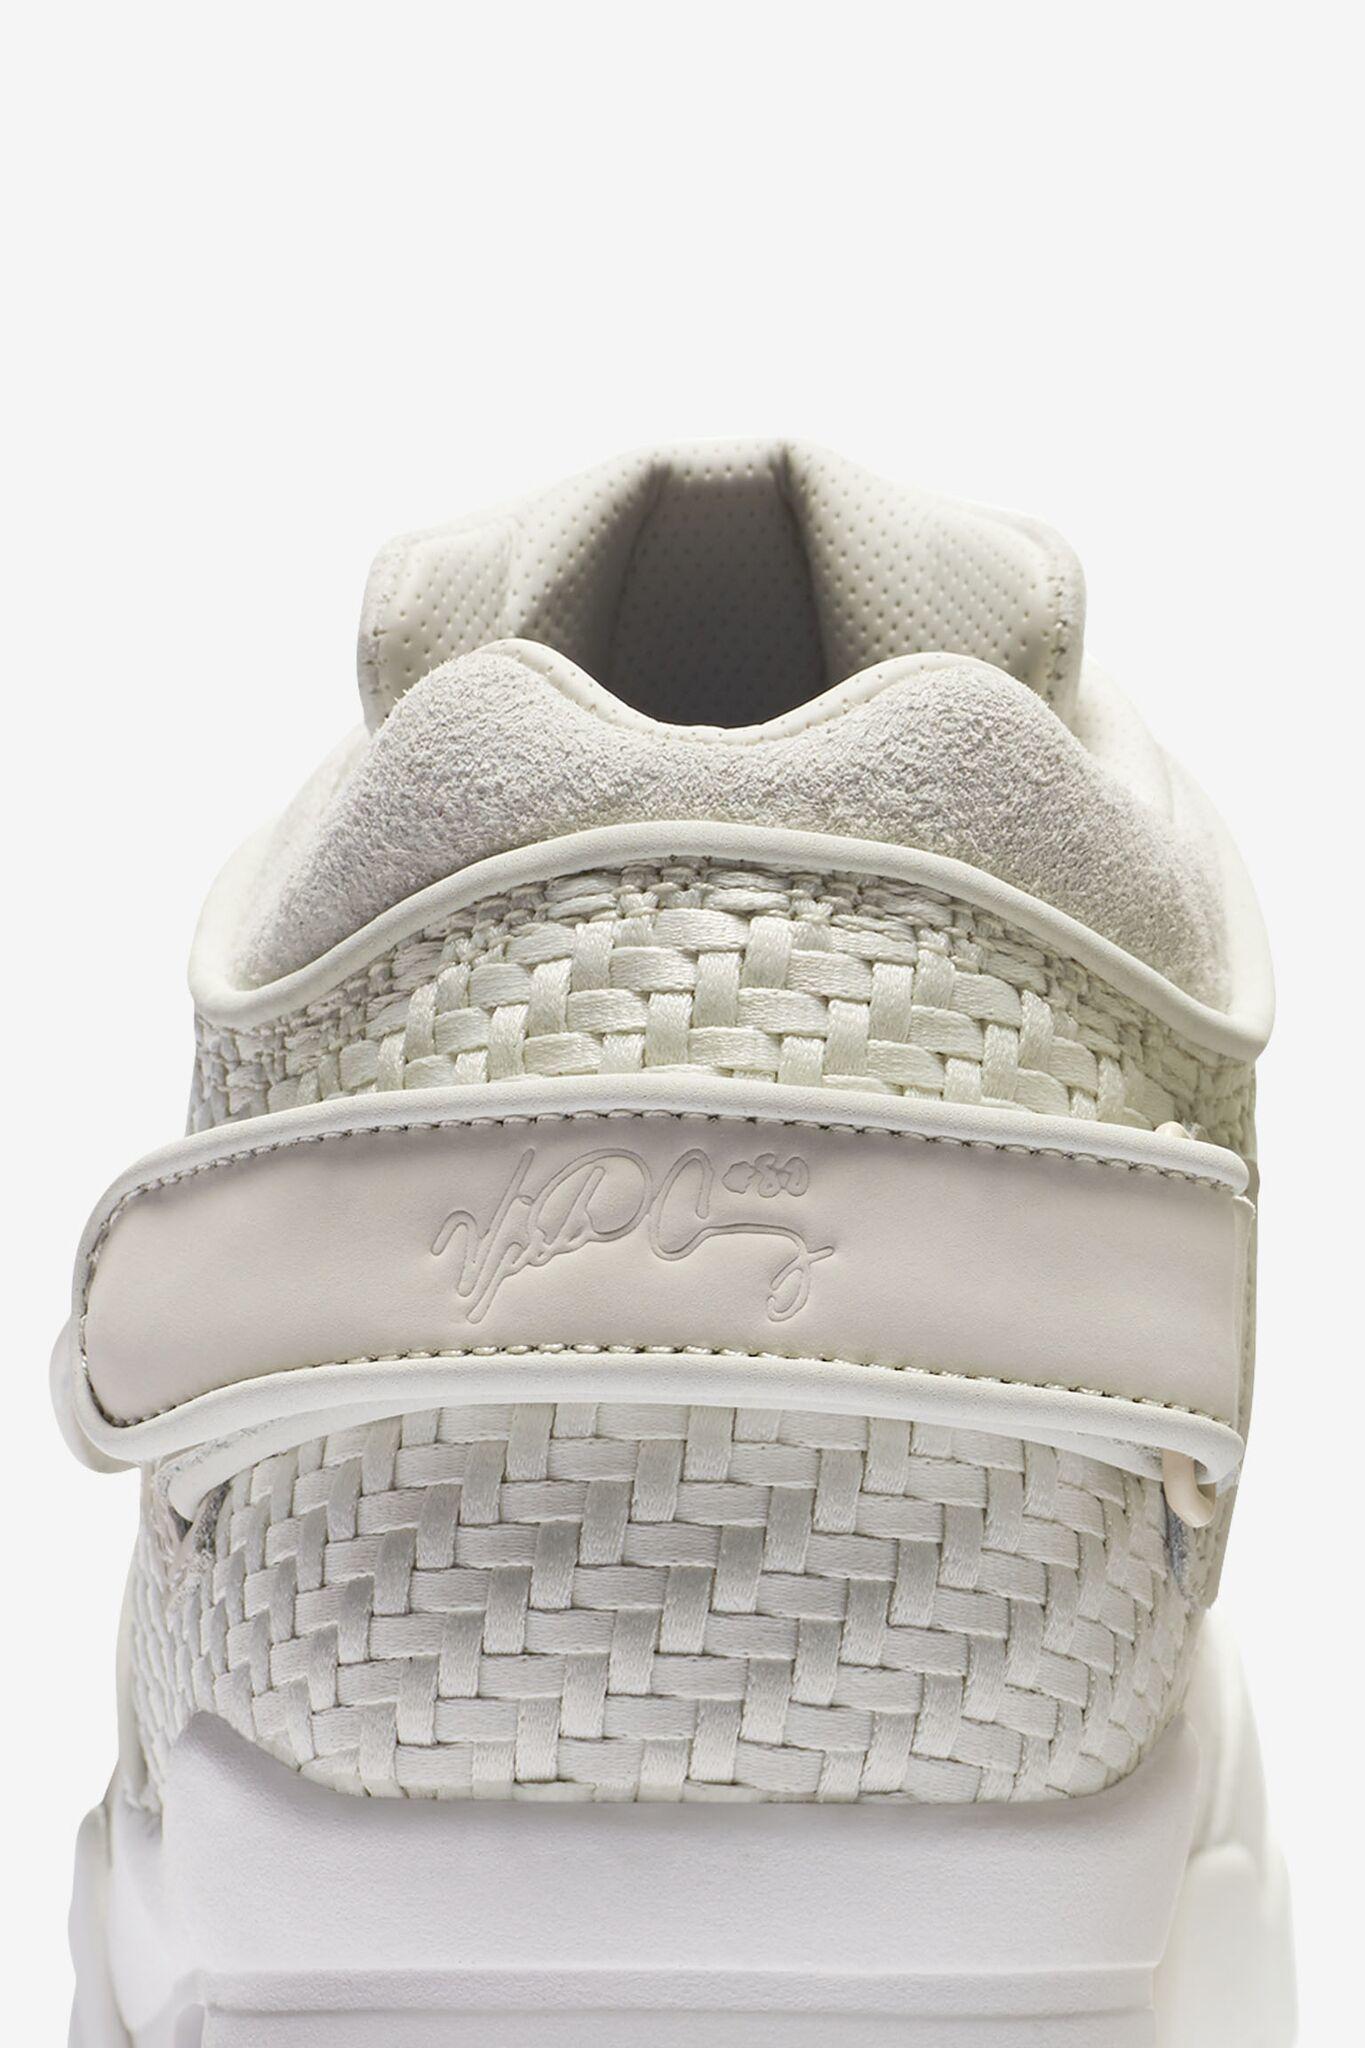 Nike Air Trainer V. Cruz 'Light Bone'. Release date